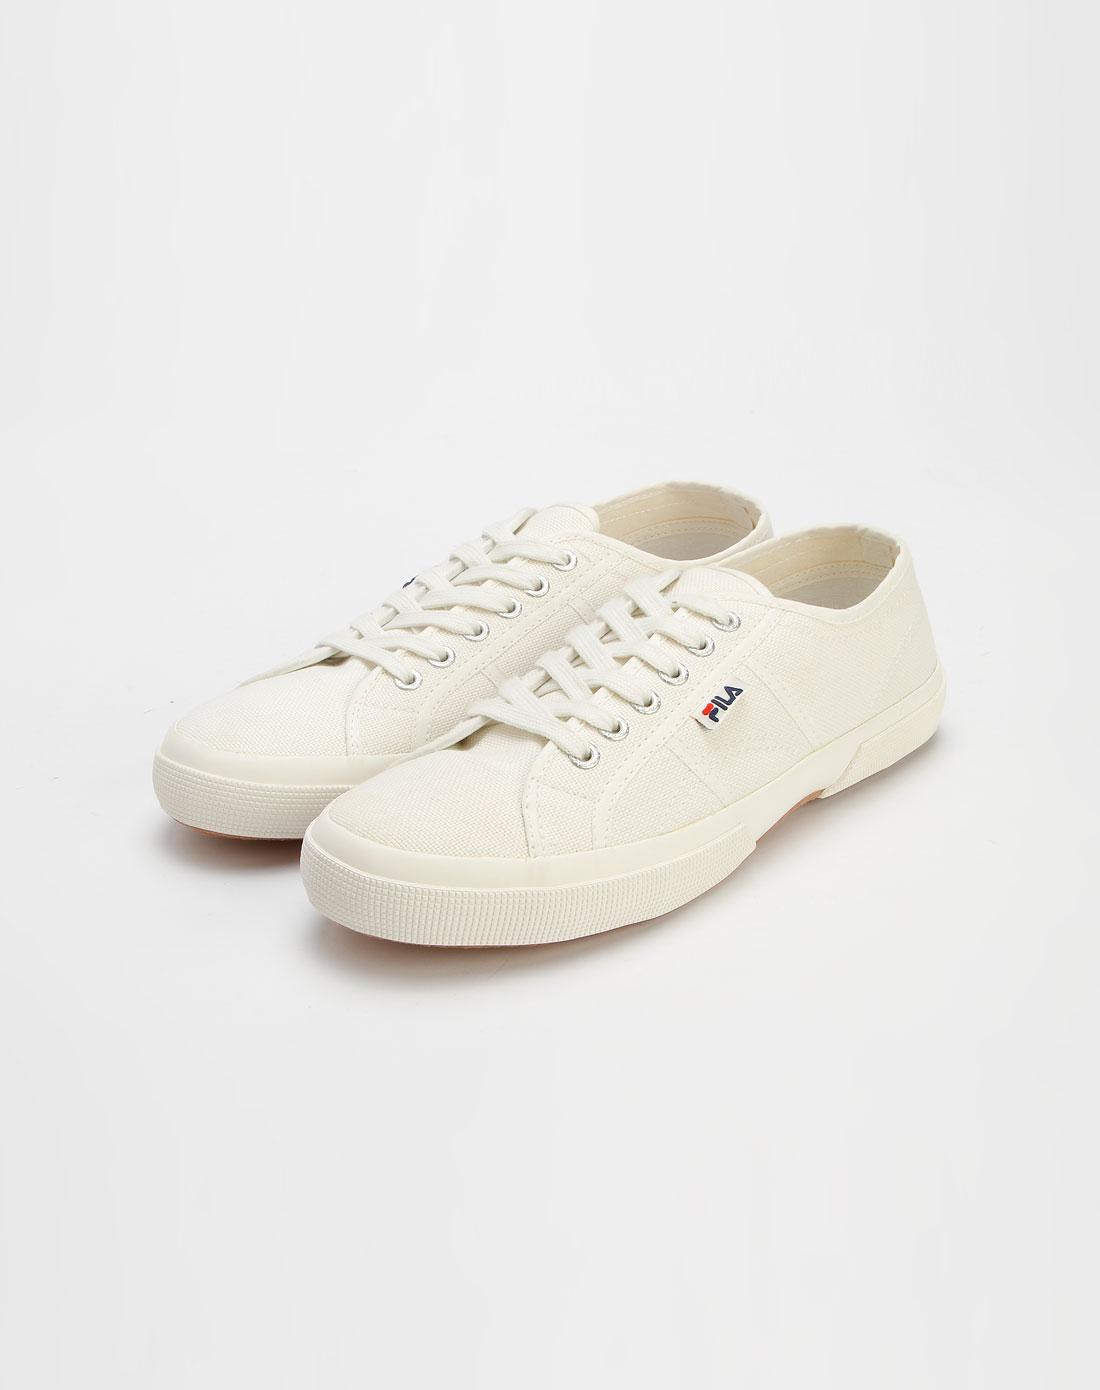 斐乐fila白色简约帆布鞋211062519-202